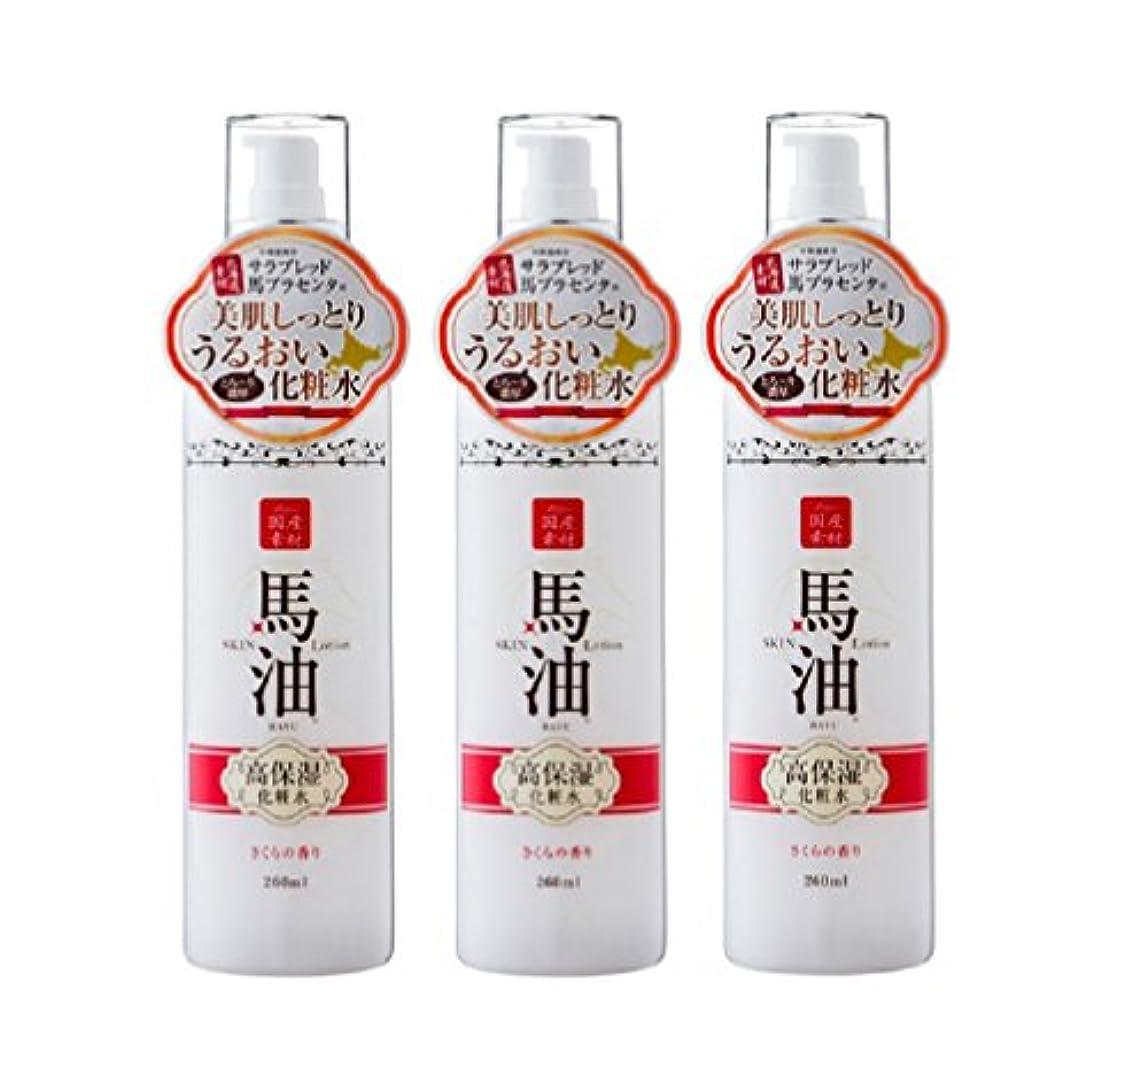 含意シェトランド諸島繁殖リシャン 馬油化粧水 さくらの香り 260ml×3本セット